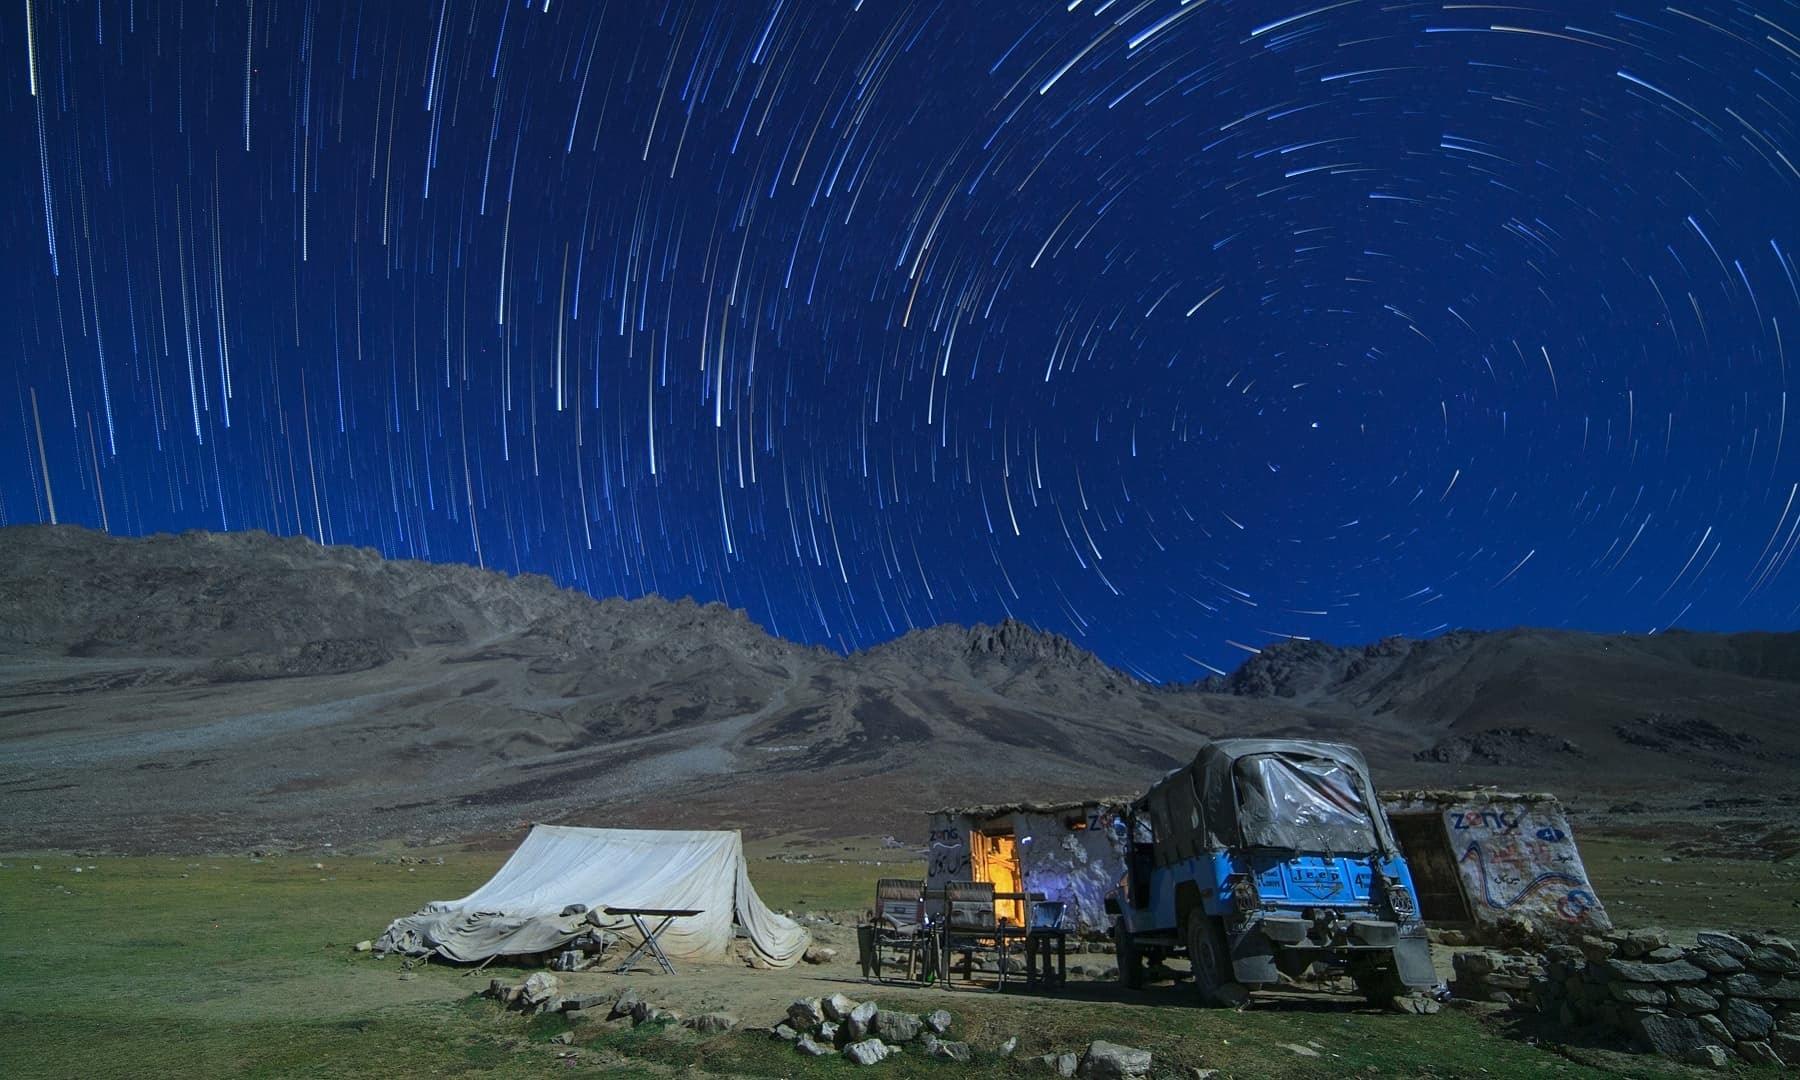 Night at Shandur.